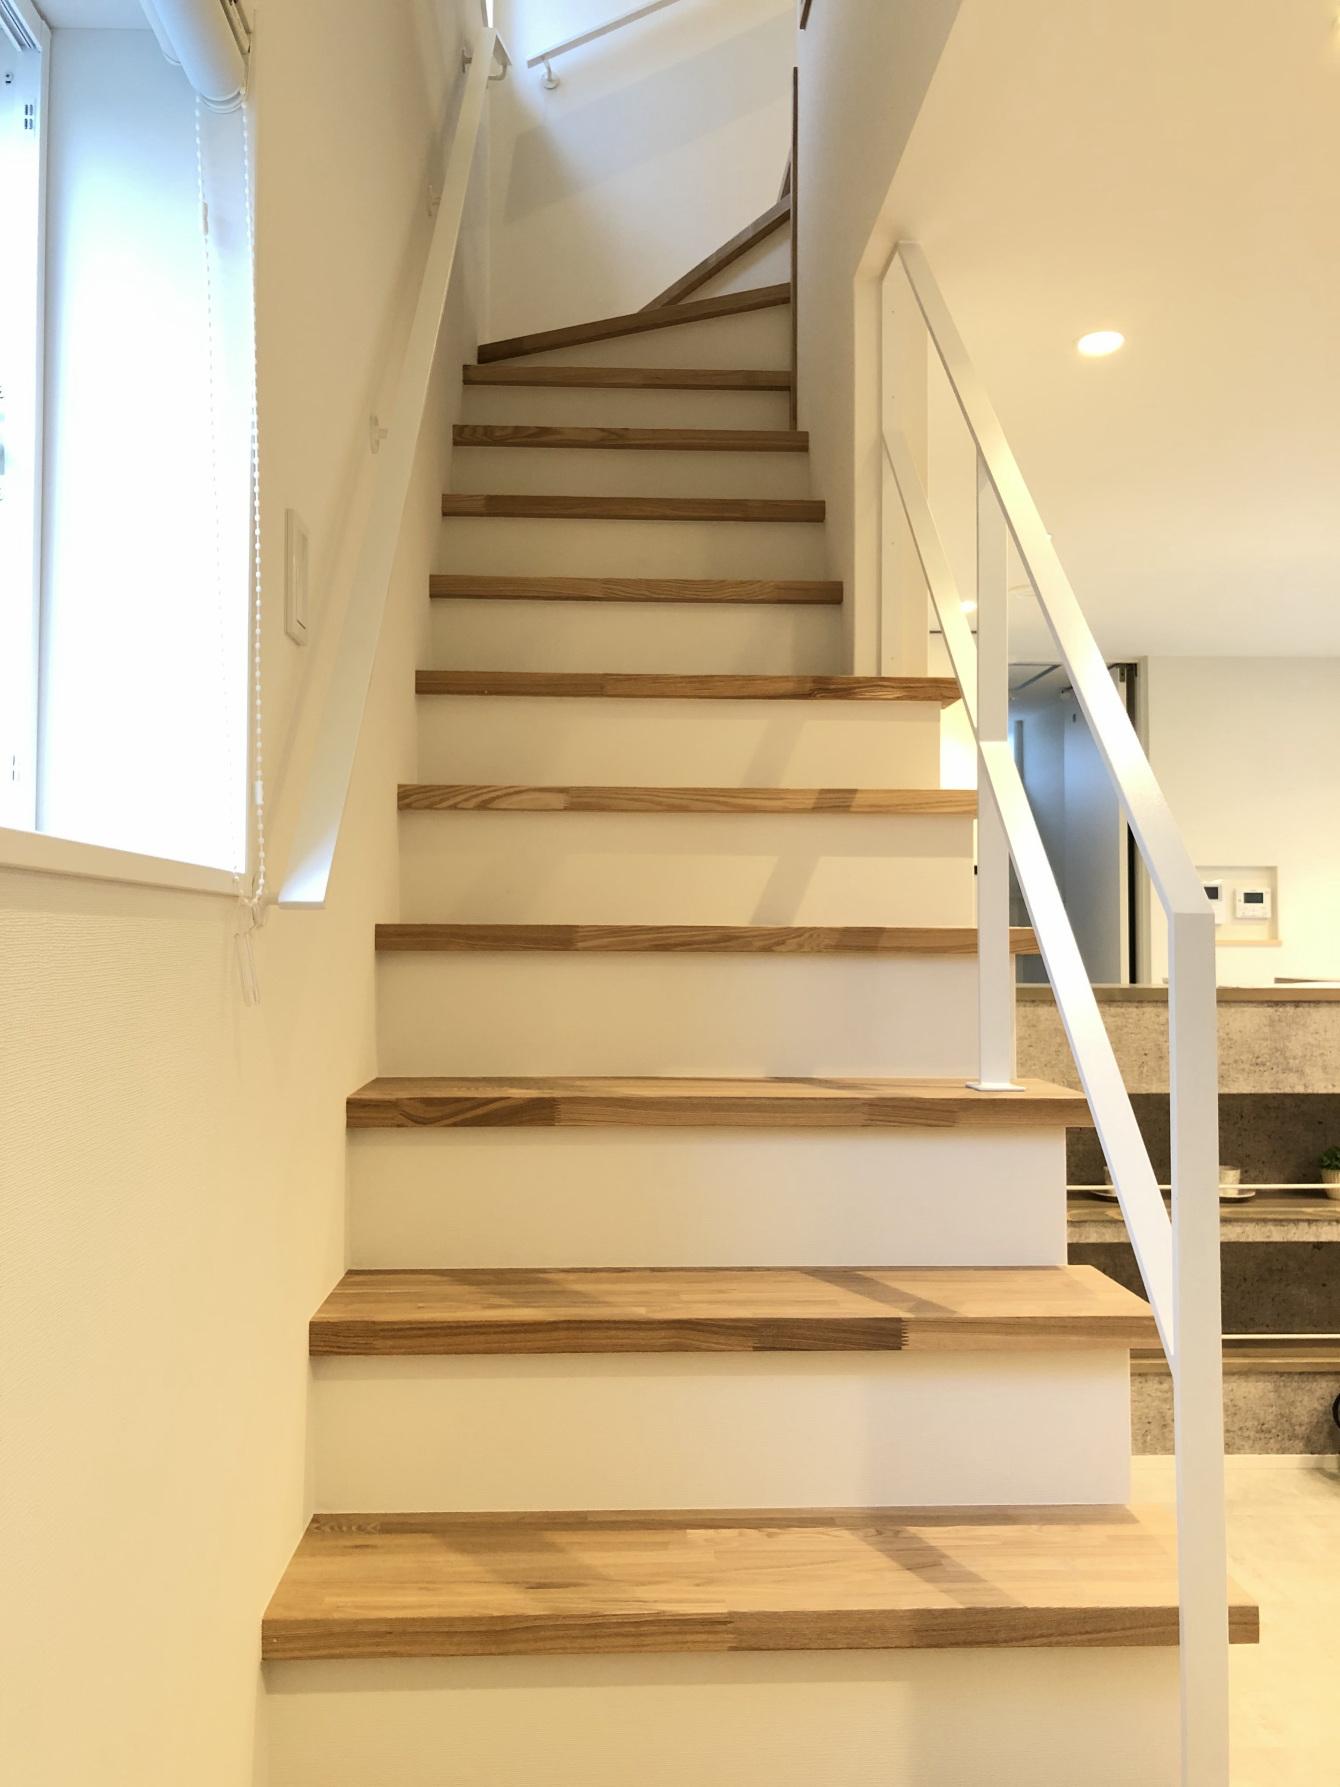 田村市の施工例、コンパクト&北欧デザインの家階段